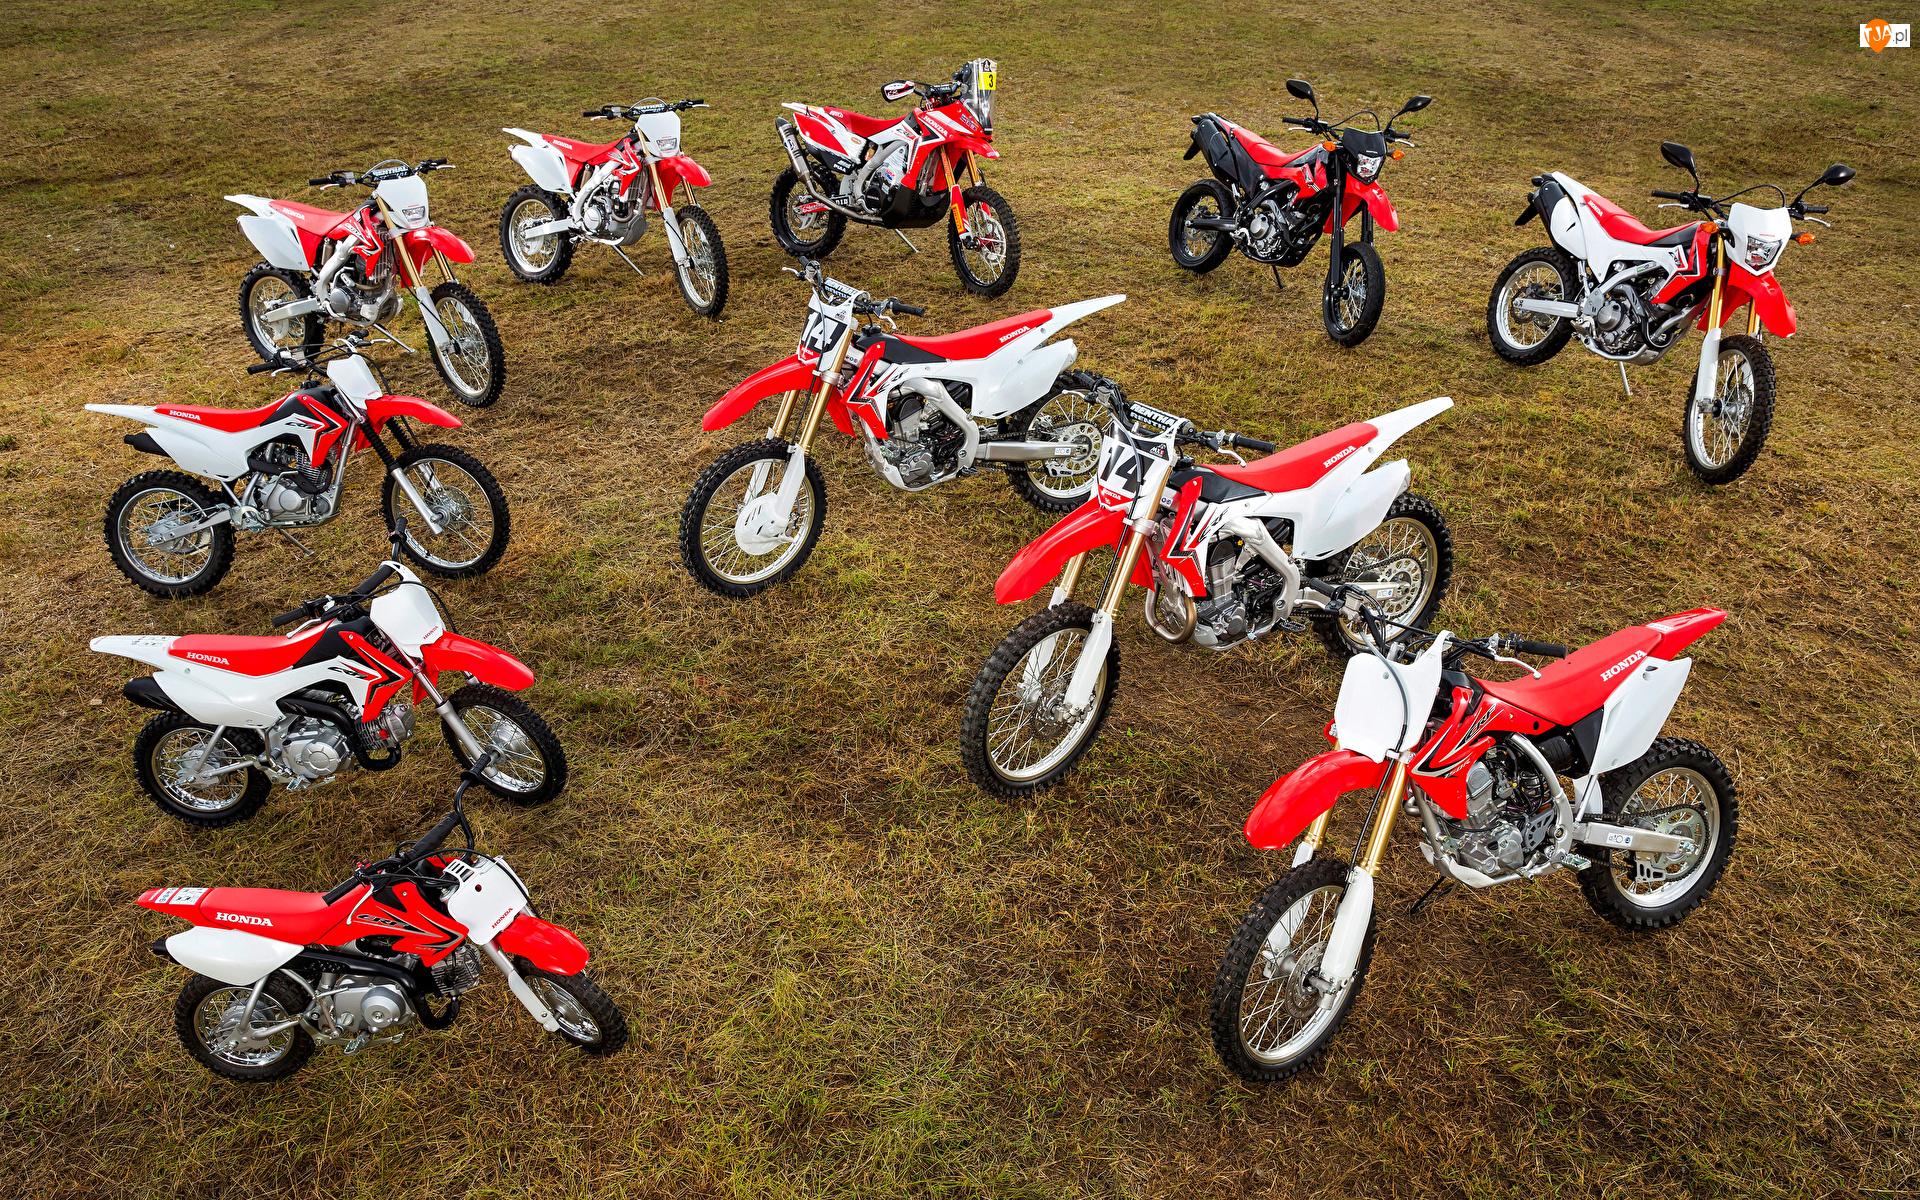 Czerwono-białe, Motocykle, Honda CRF